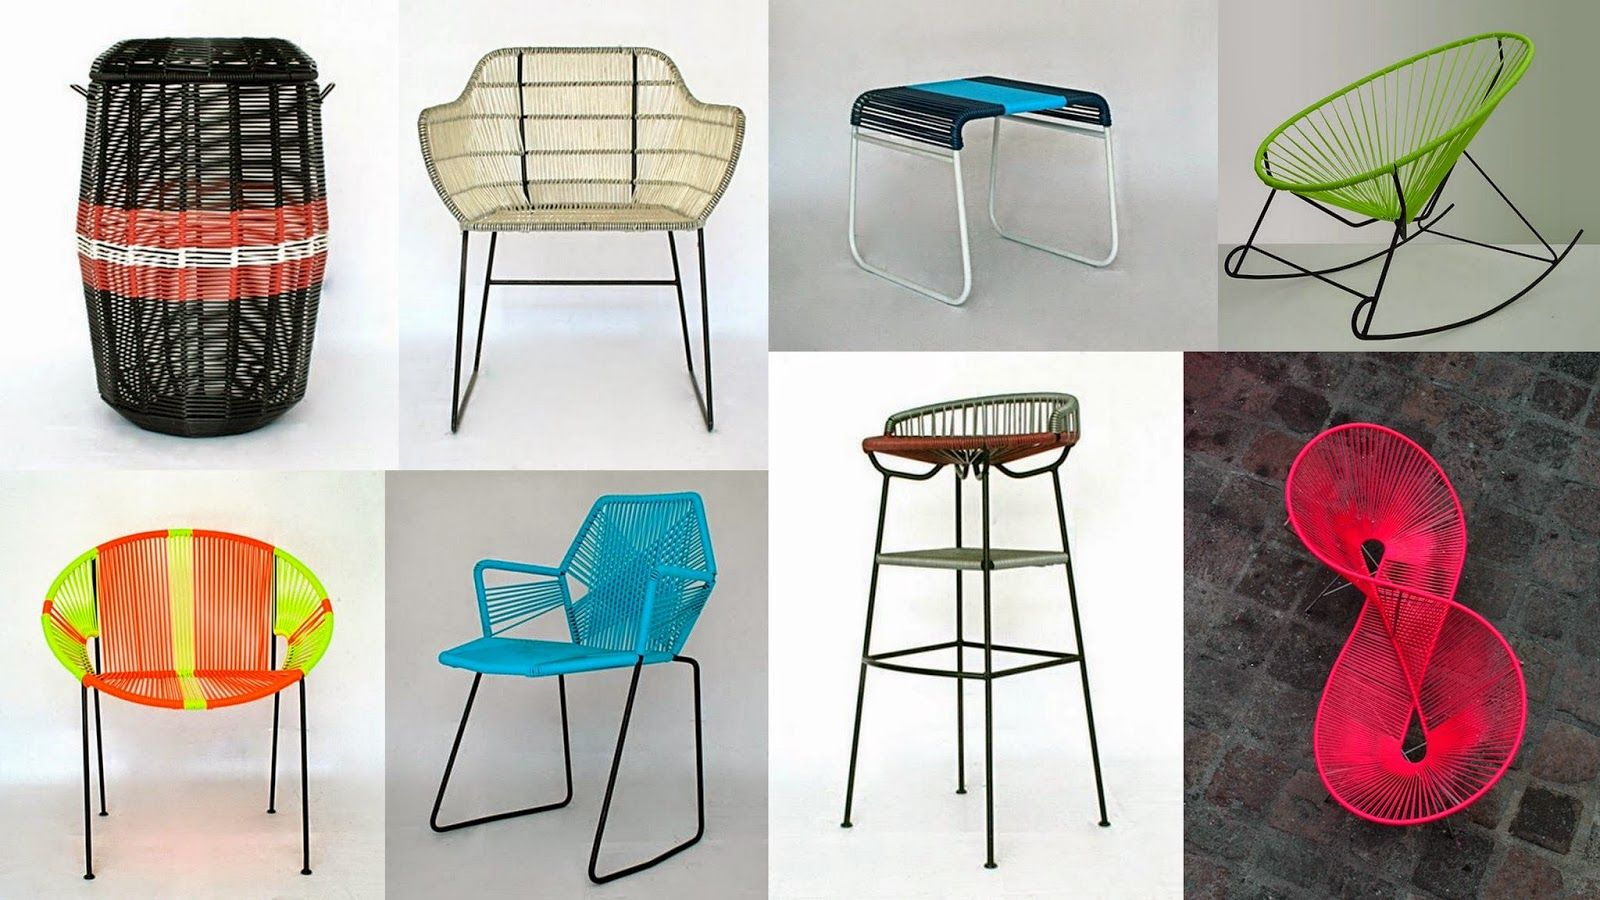 Tendencias: La silla Acapulco perfecta para disfrutar del verano ...